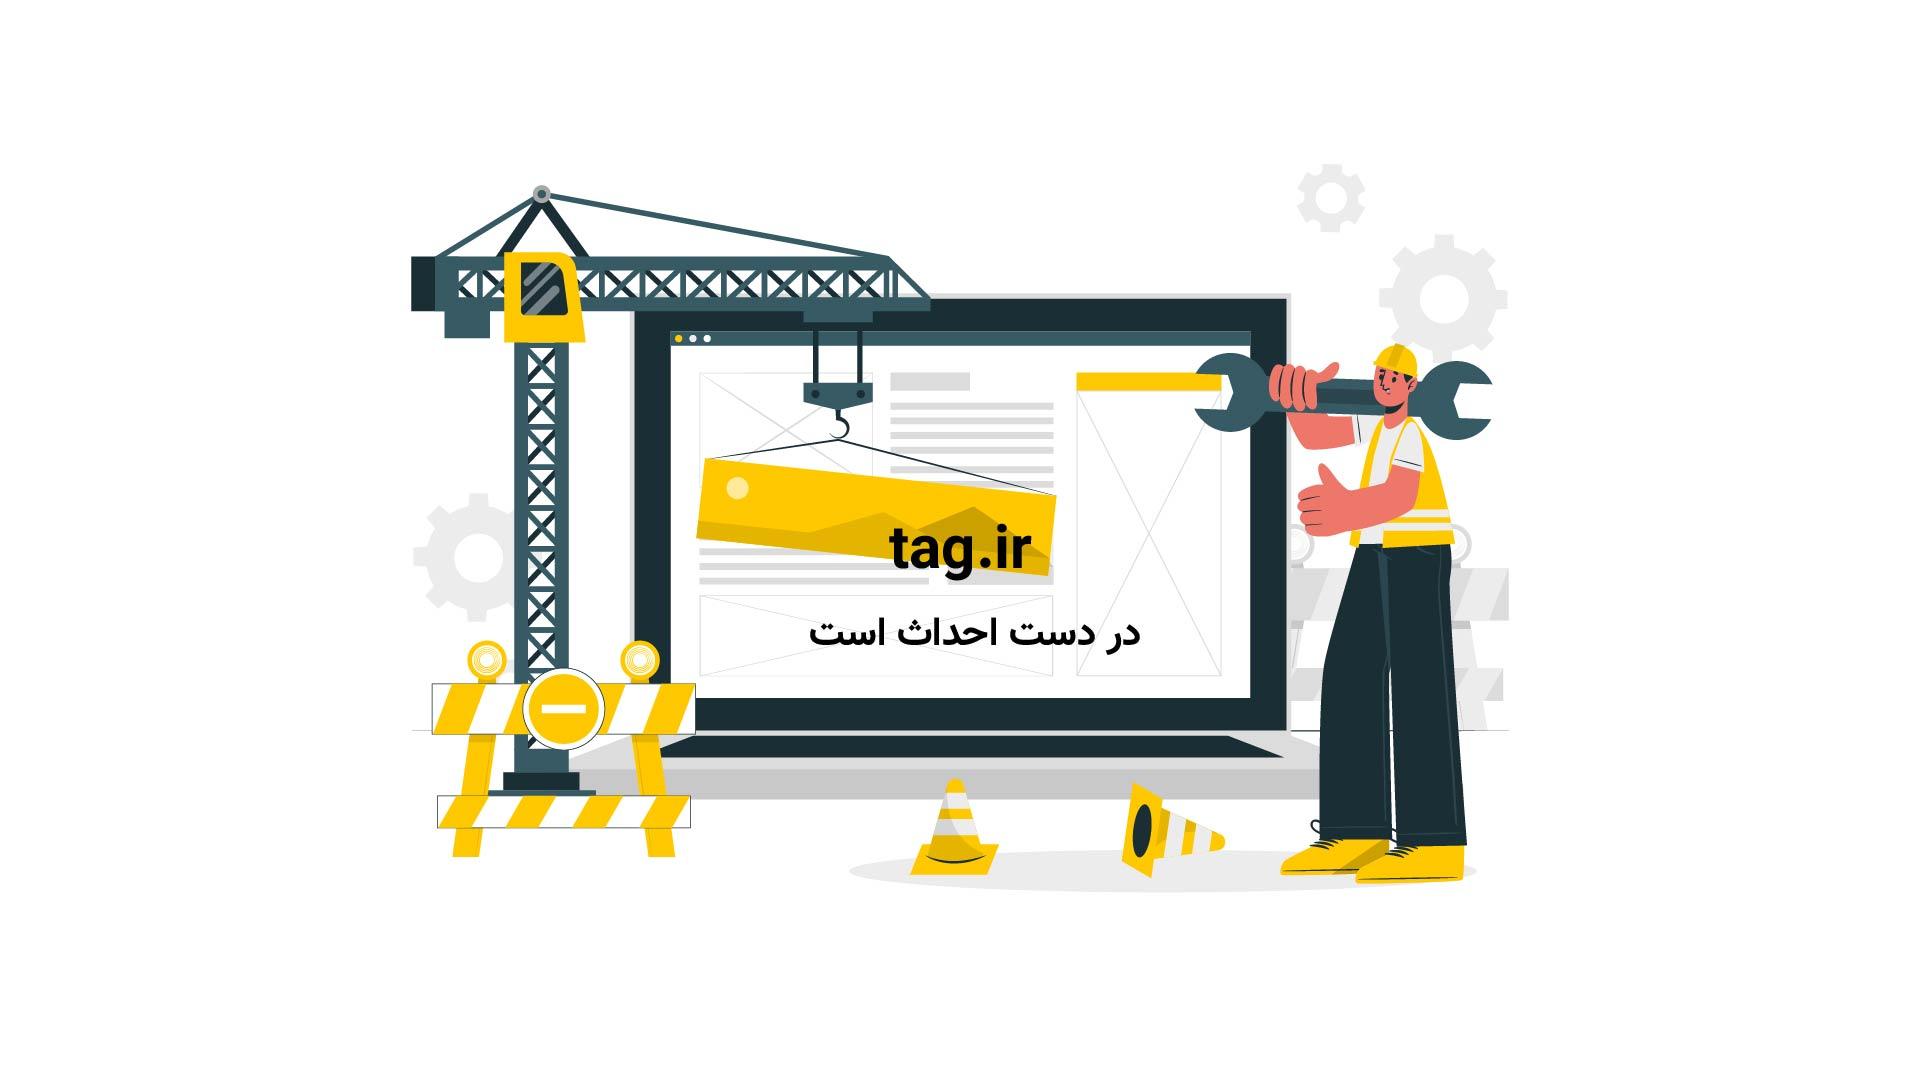 محمدرضا علیمردانی | تگ